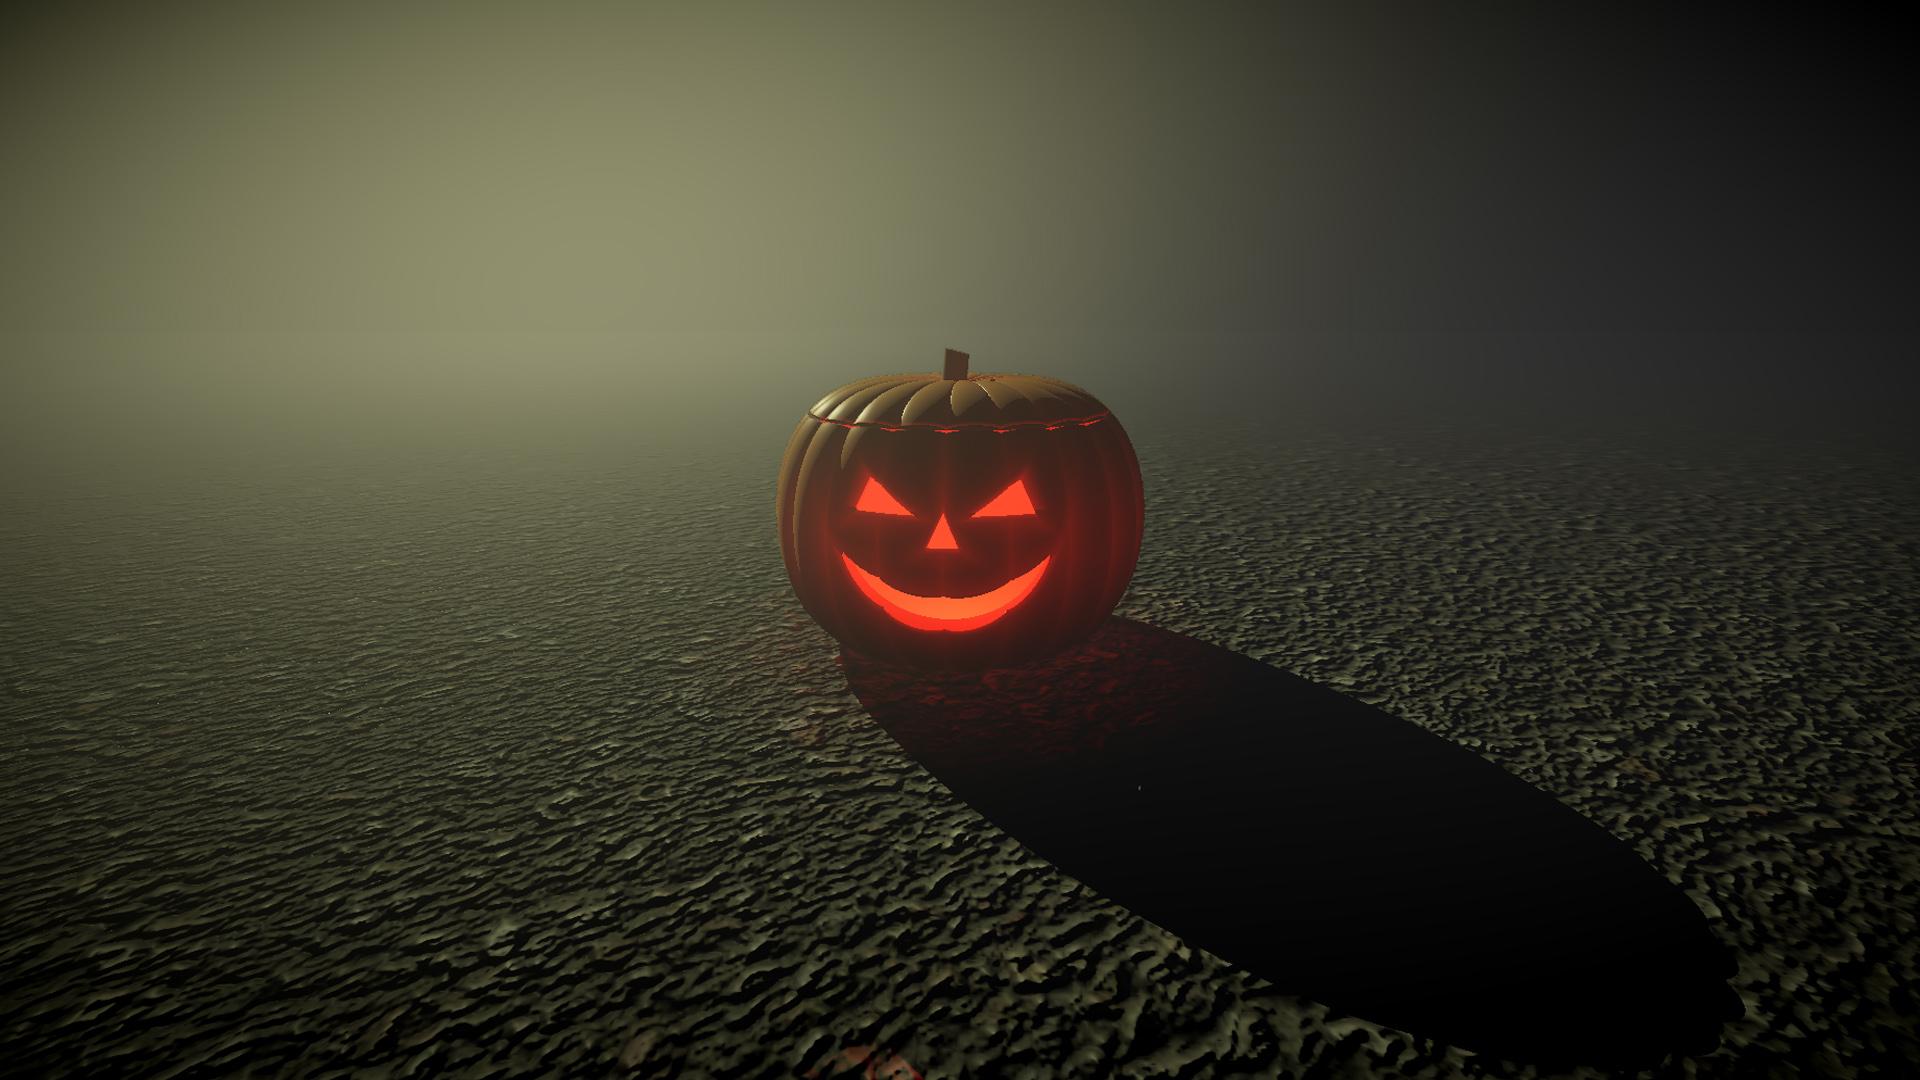 Pumpkin Mystery 3d Screensaver For Windows Free Pumpkin 3d Screensaver